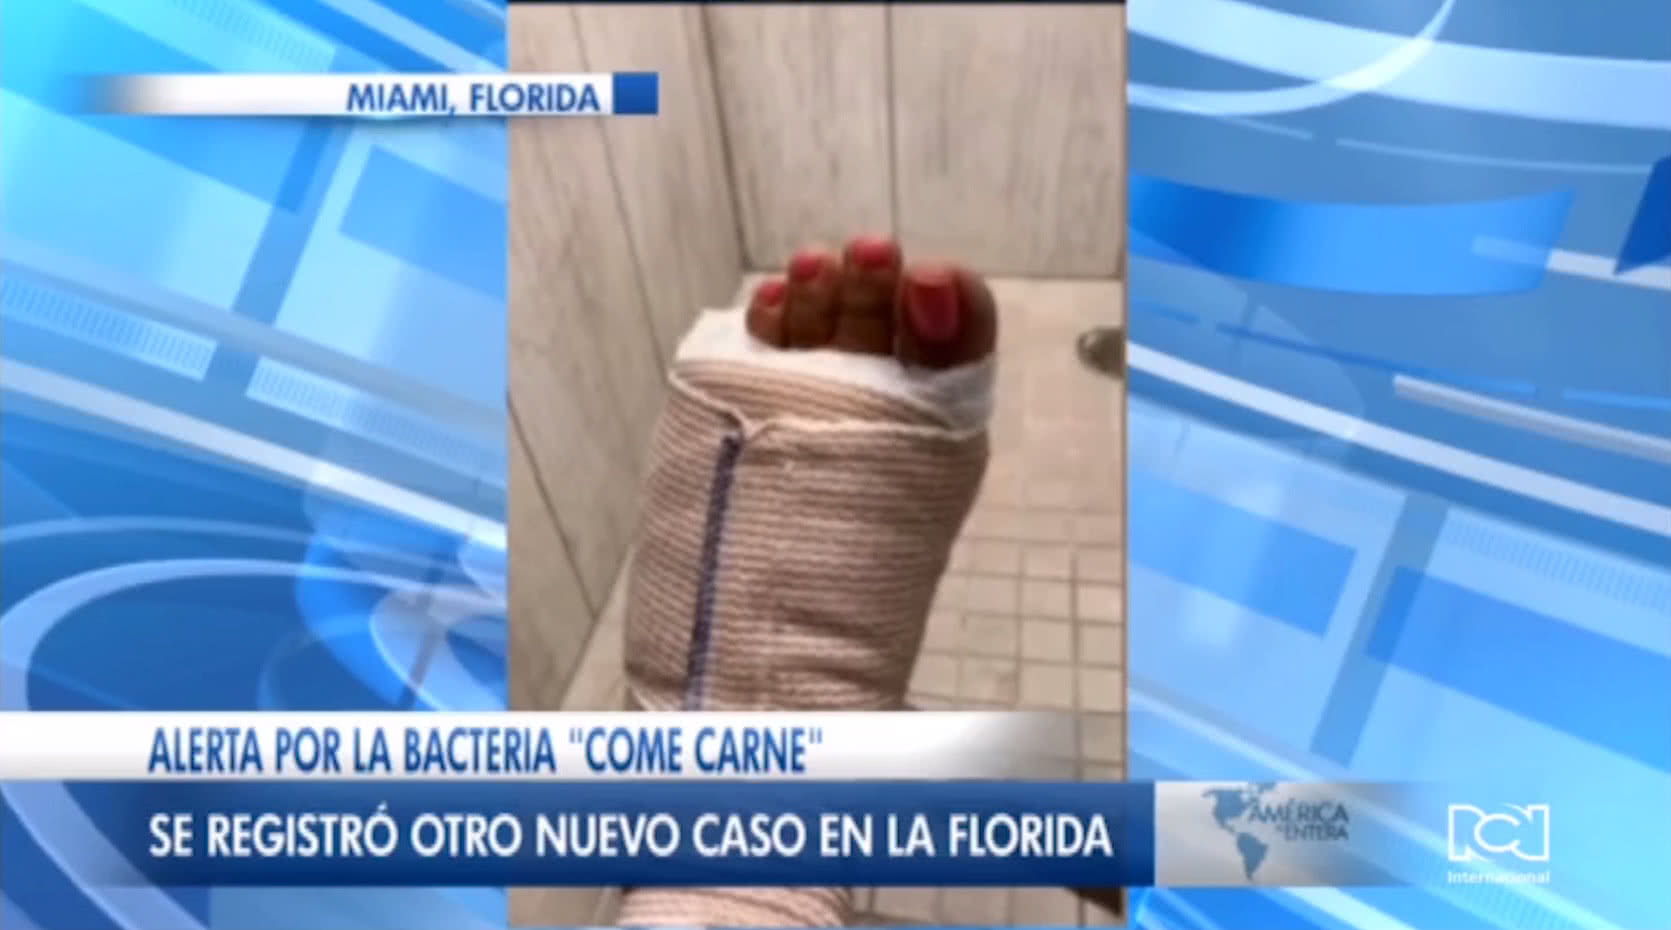 Bacteria come carne en Florida